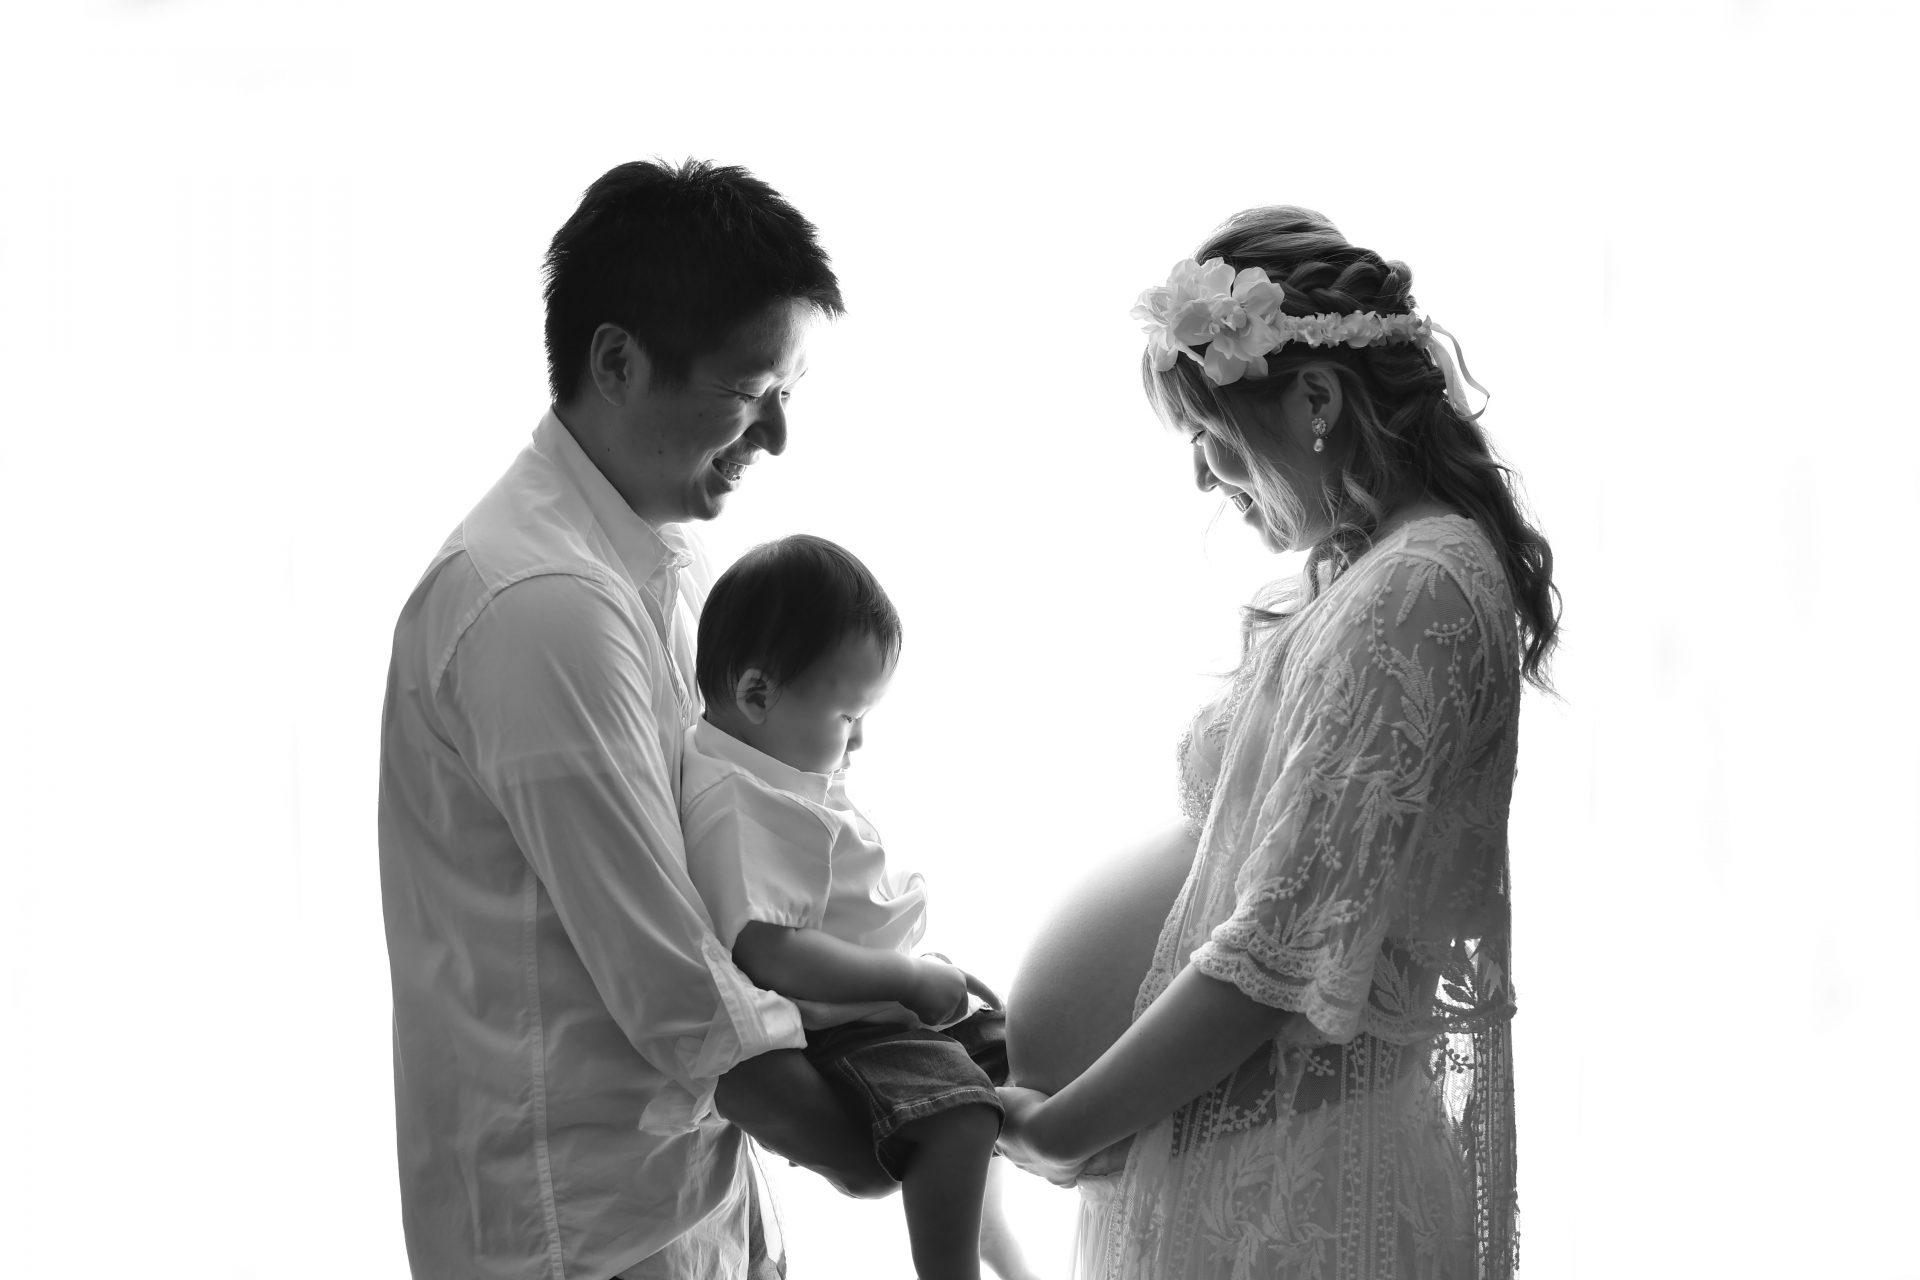 奈良市 マタニティフォト 家族撮影 モノクロ 妊婦